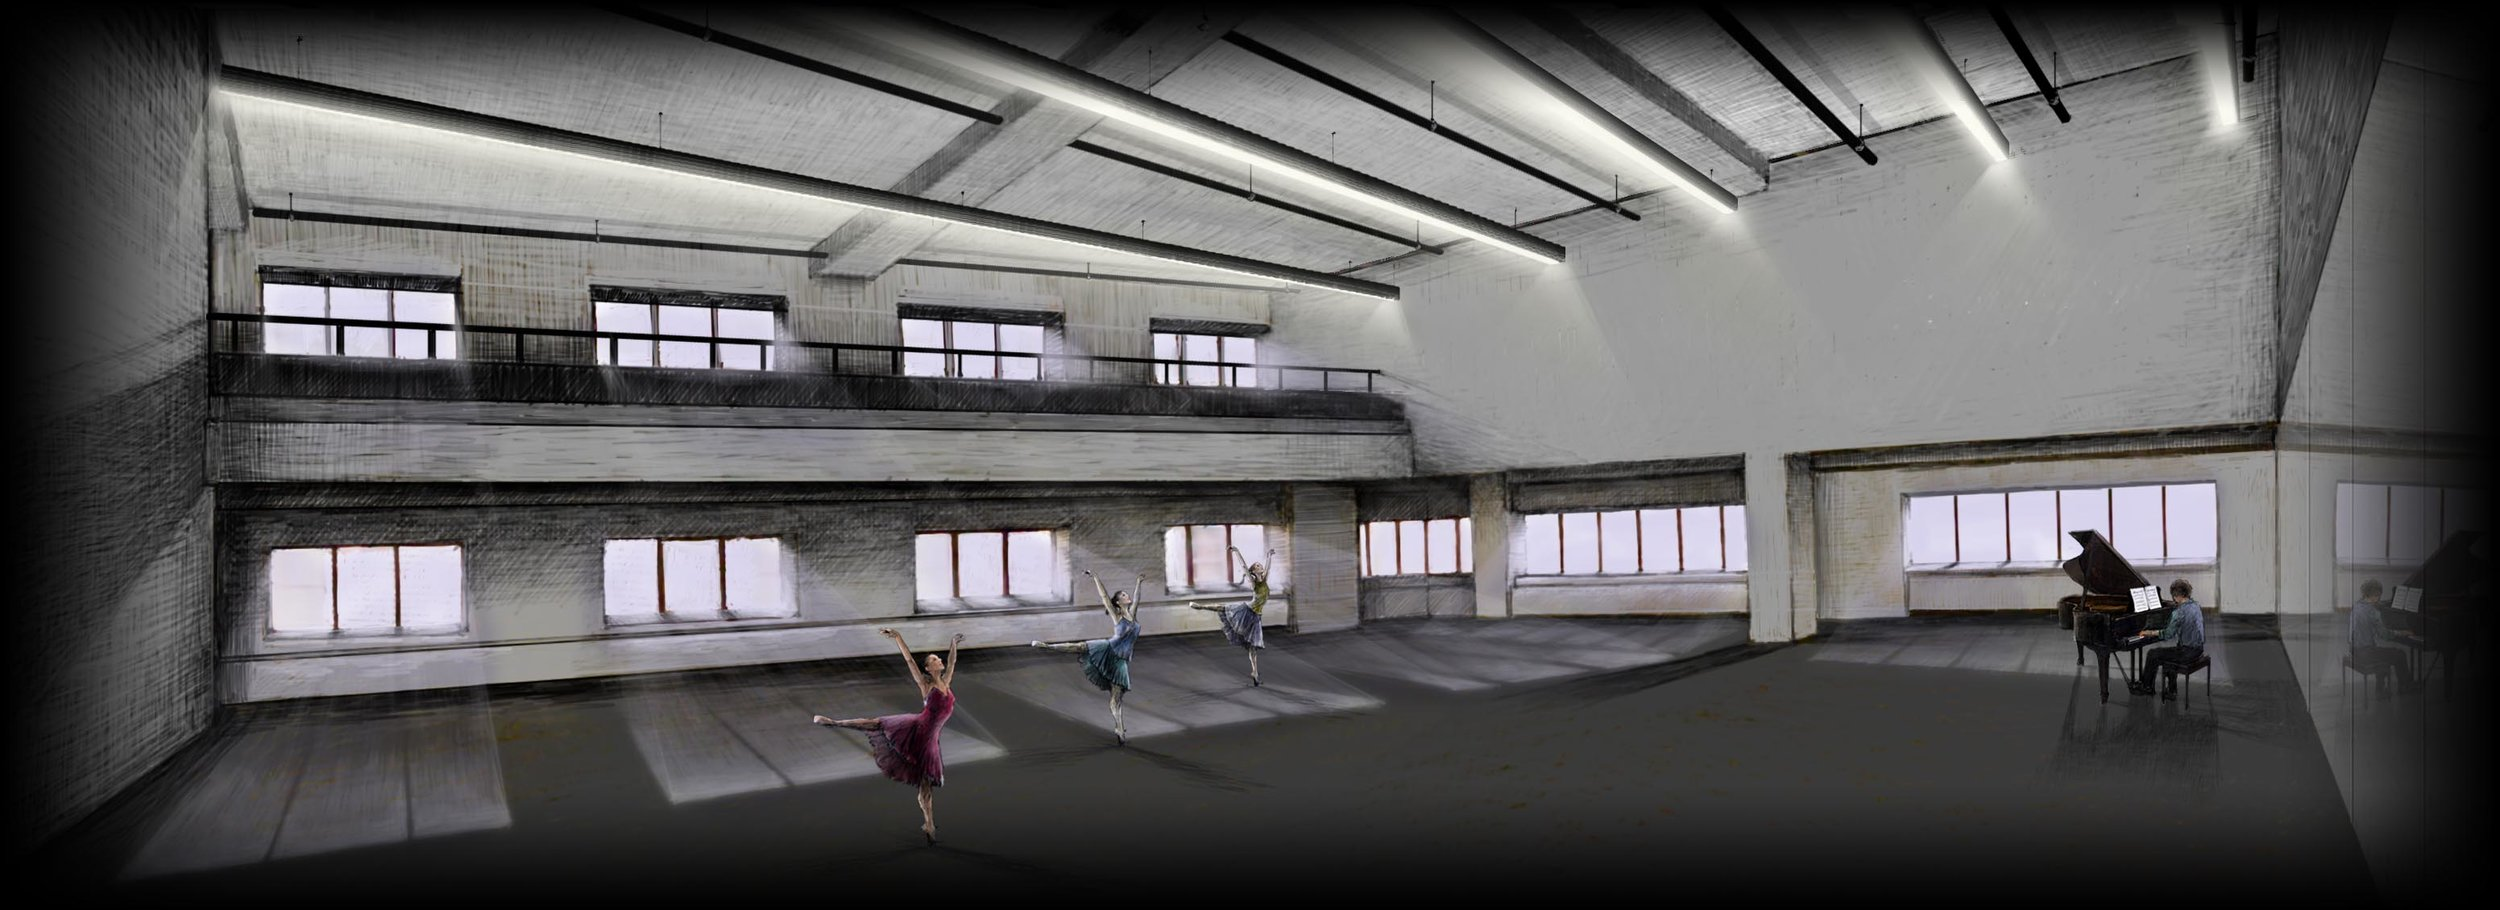 Studio 11A Rendering